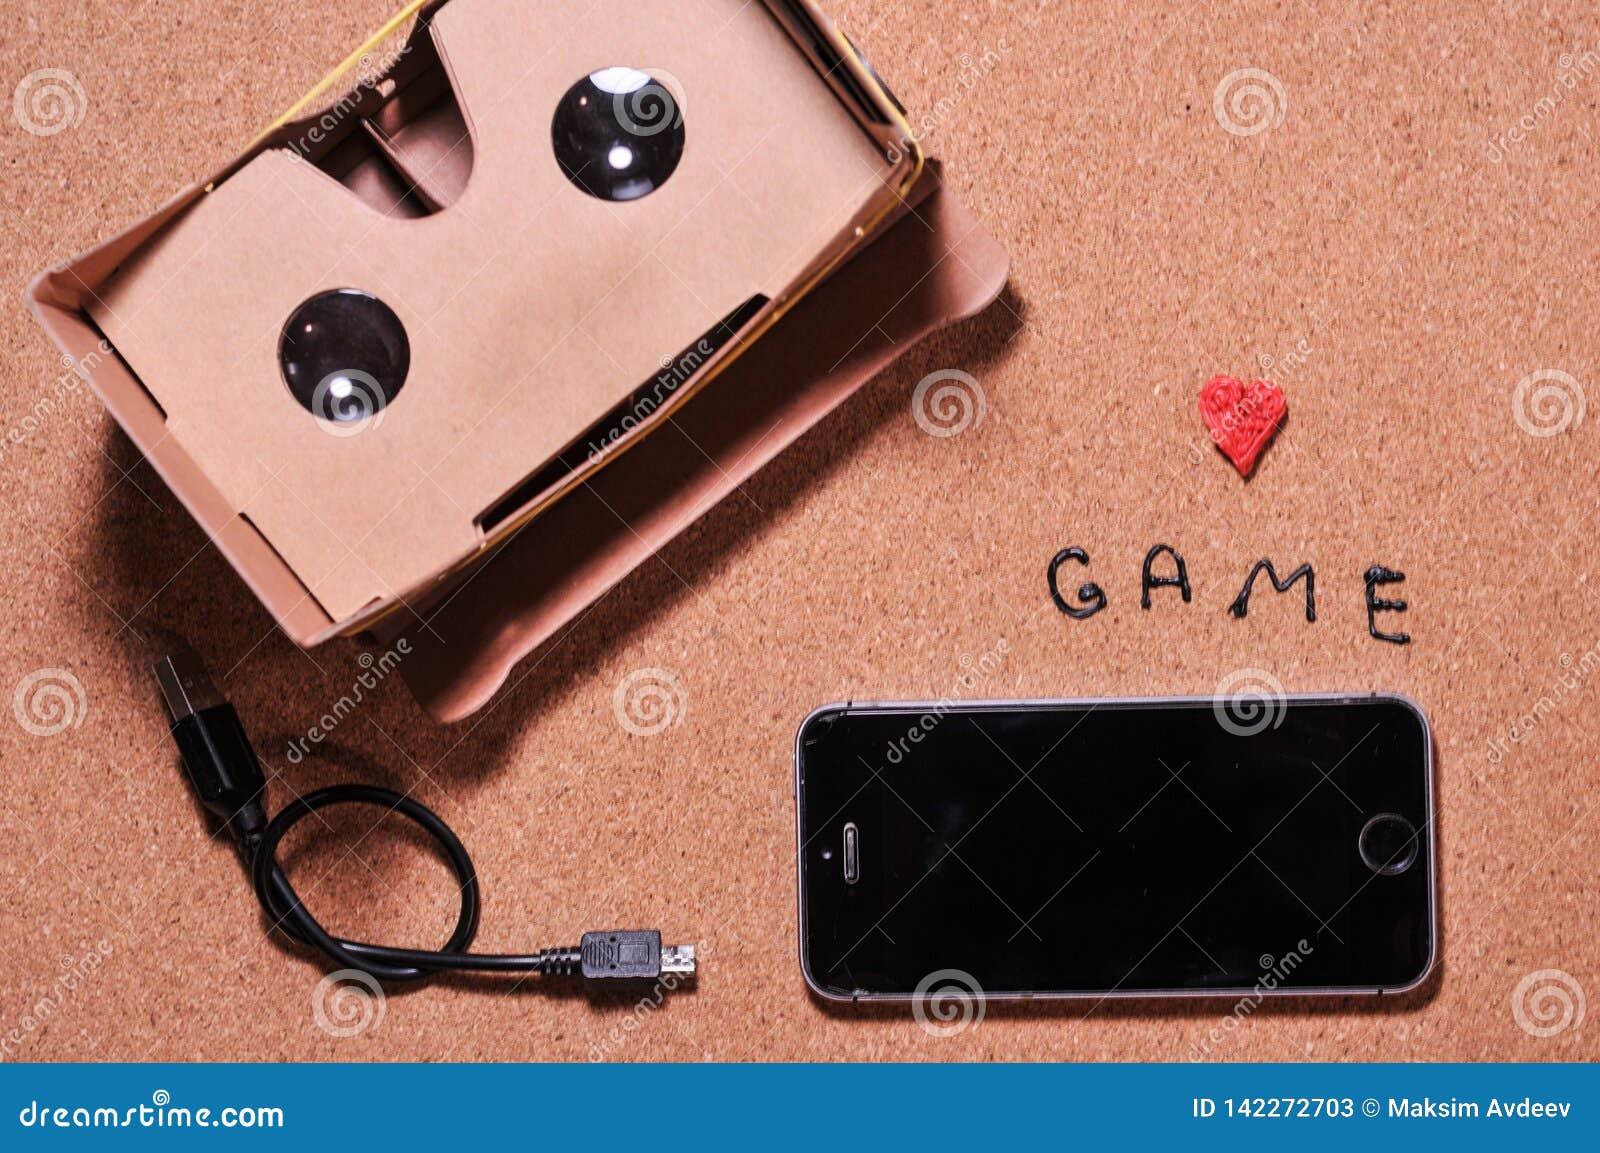 τρισδιάστατα γυαλιά για το παιχνίδι στο κινητό τηλέφωνο